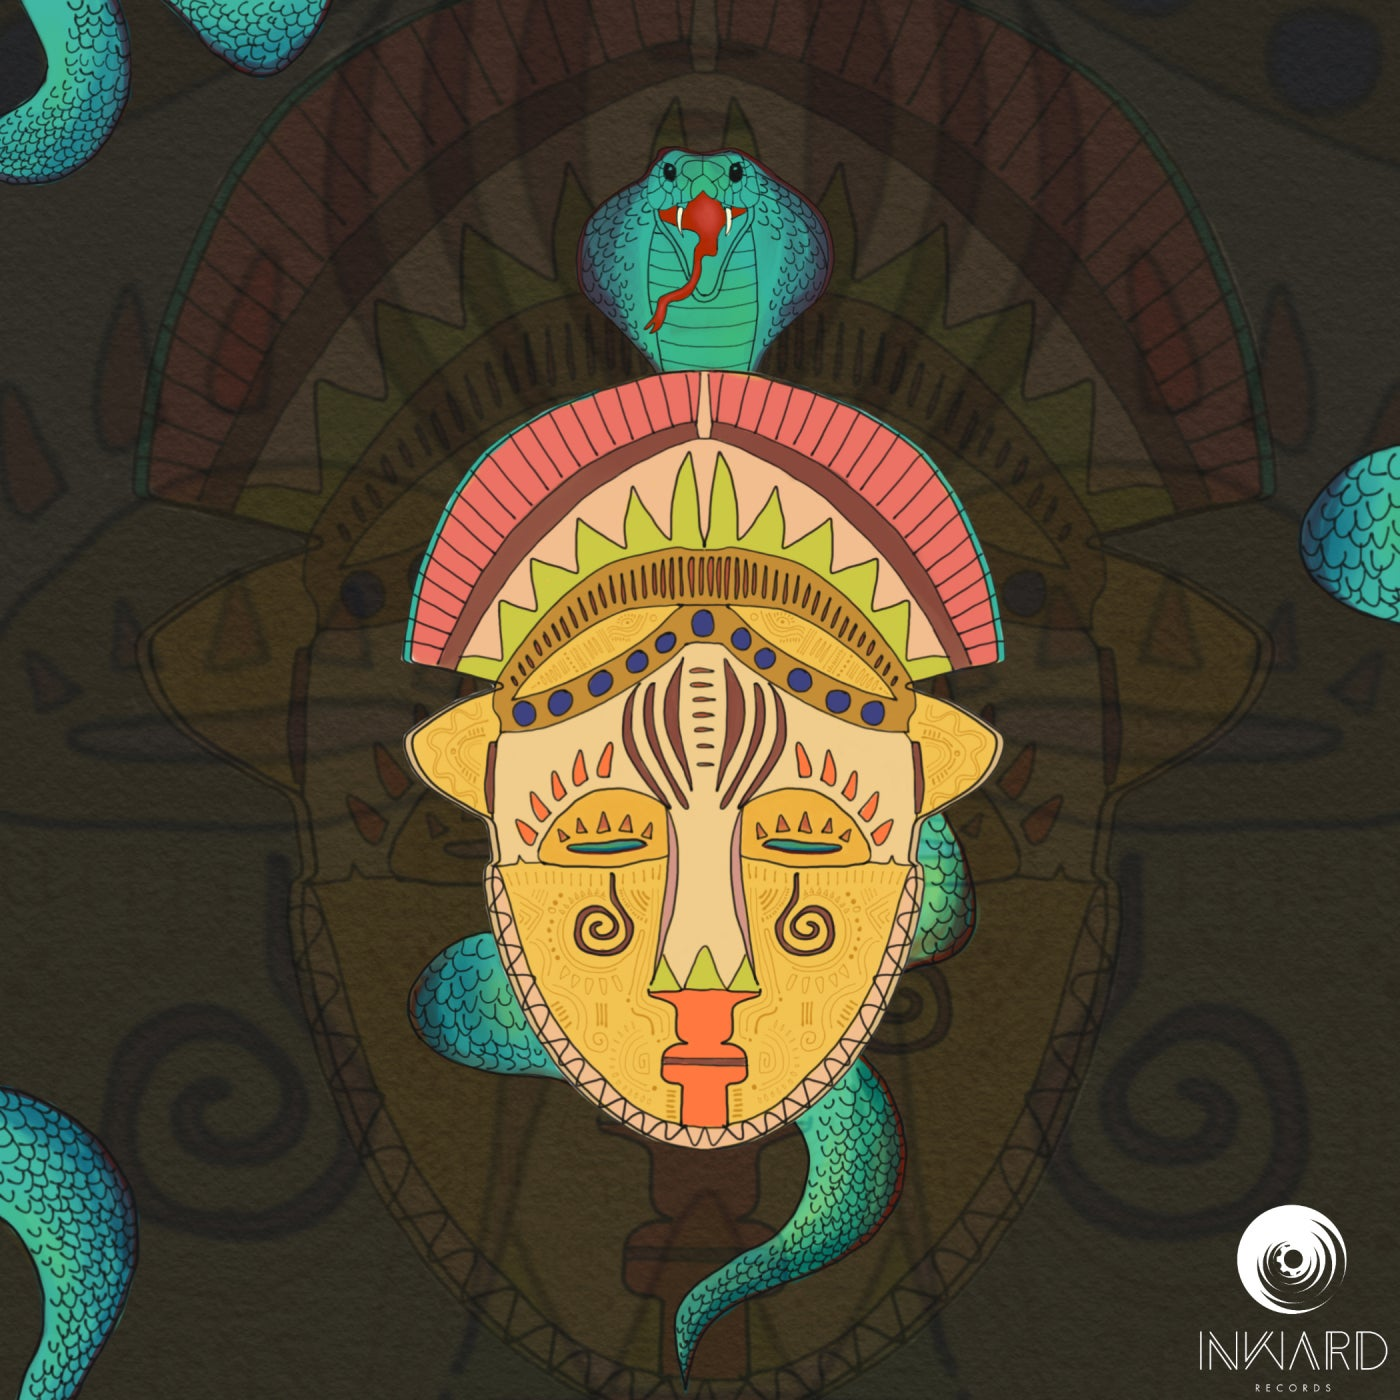 Queen Cobra (Original Mix)